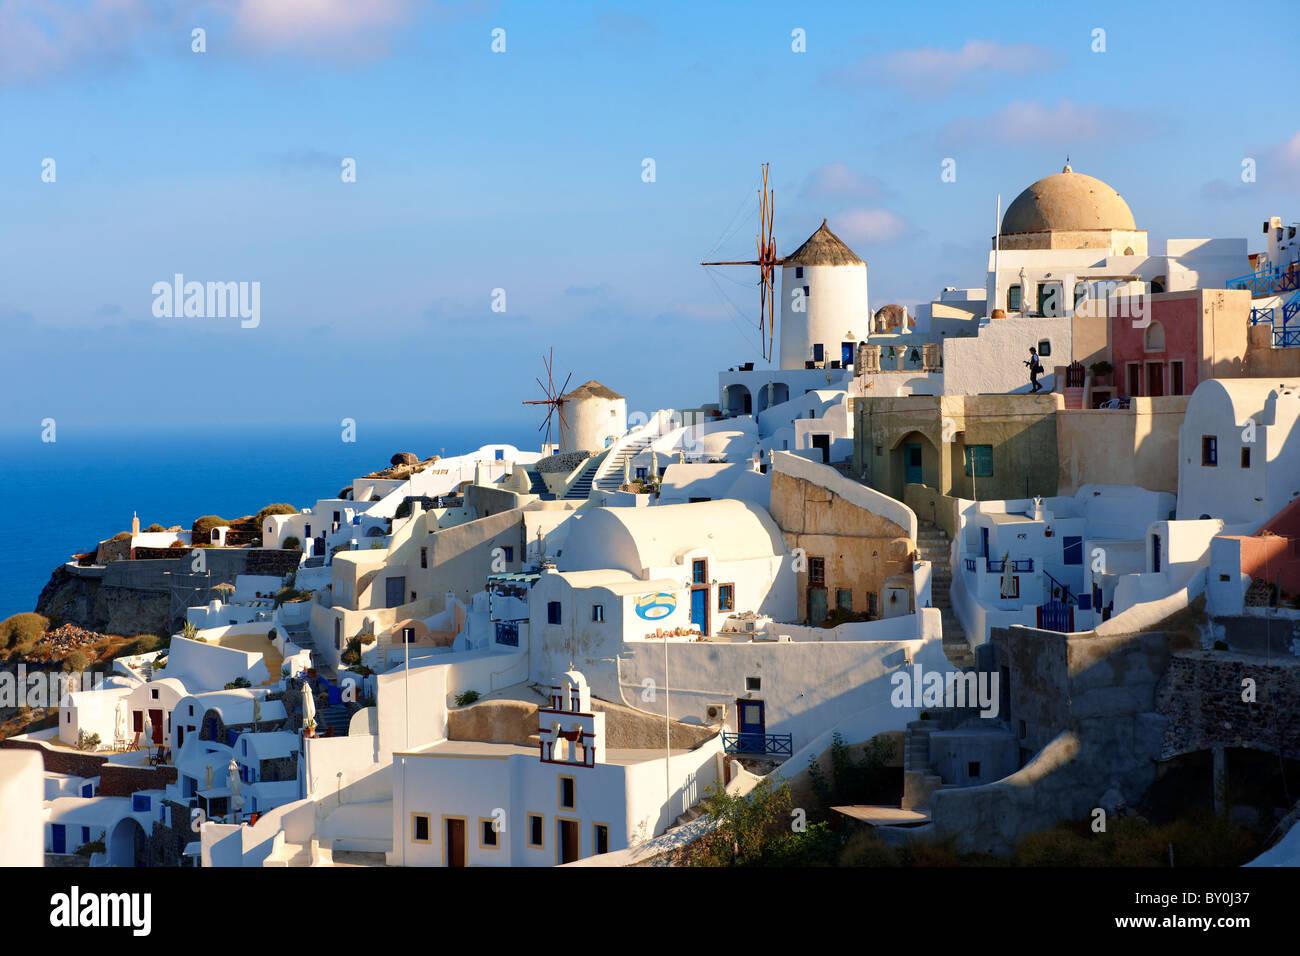 ( Oia Santorini Ia ) - les moulins à vent et vue de ville , Grec Iles Cyclades - Photos, photos et images Photo Stock